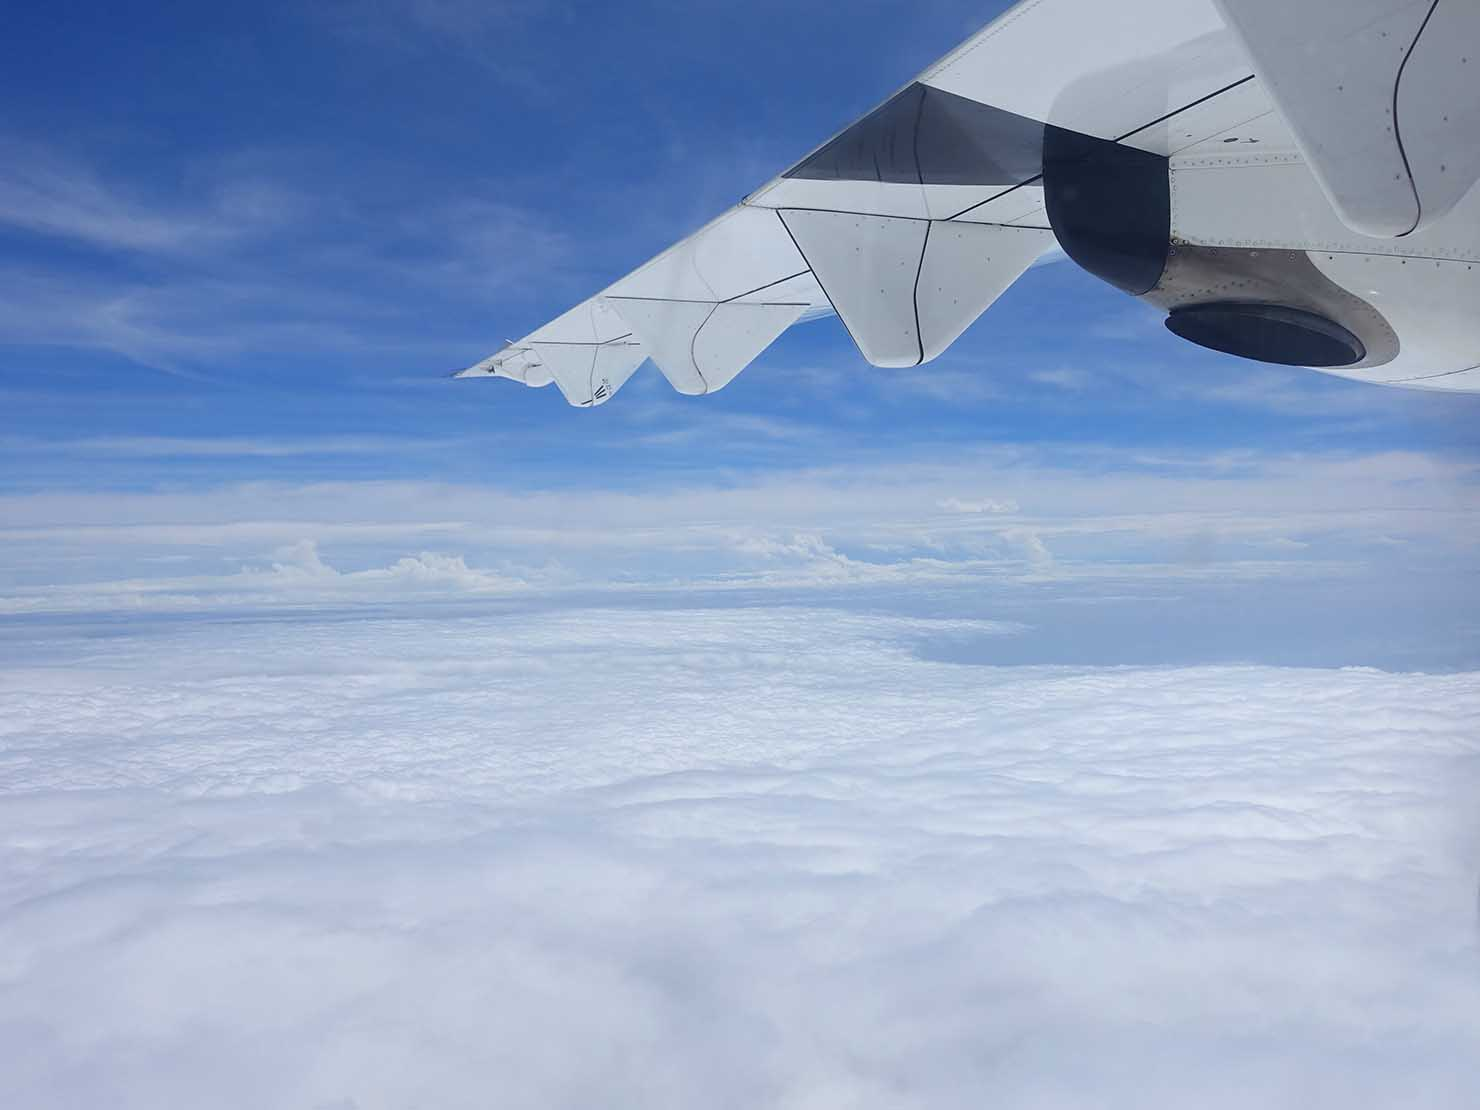 飛行機から眺める雲海